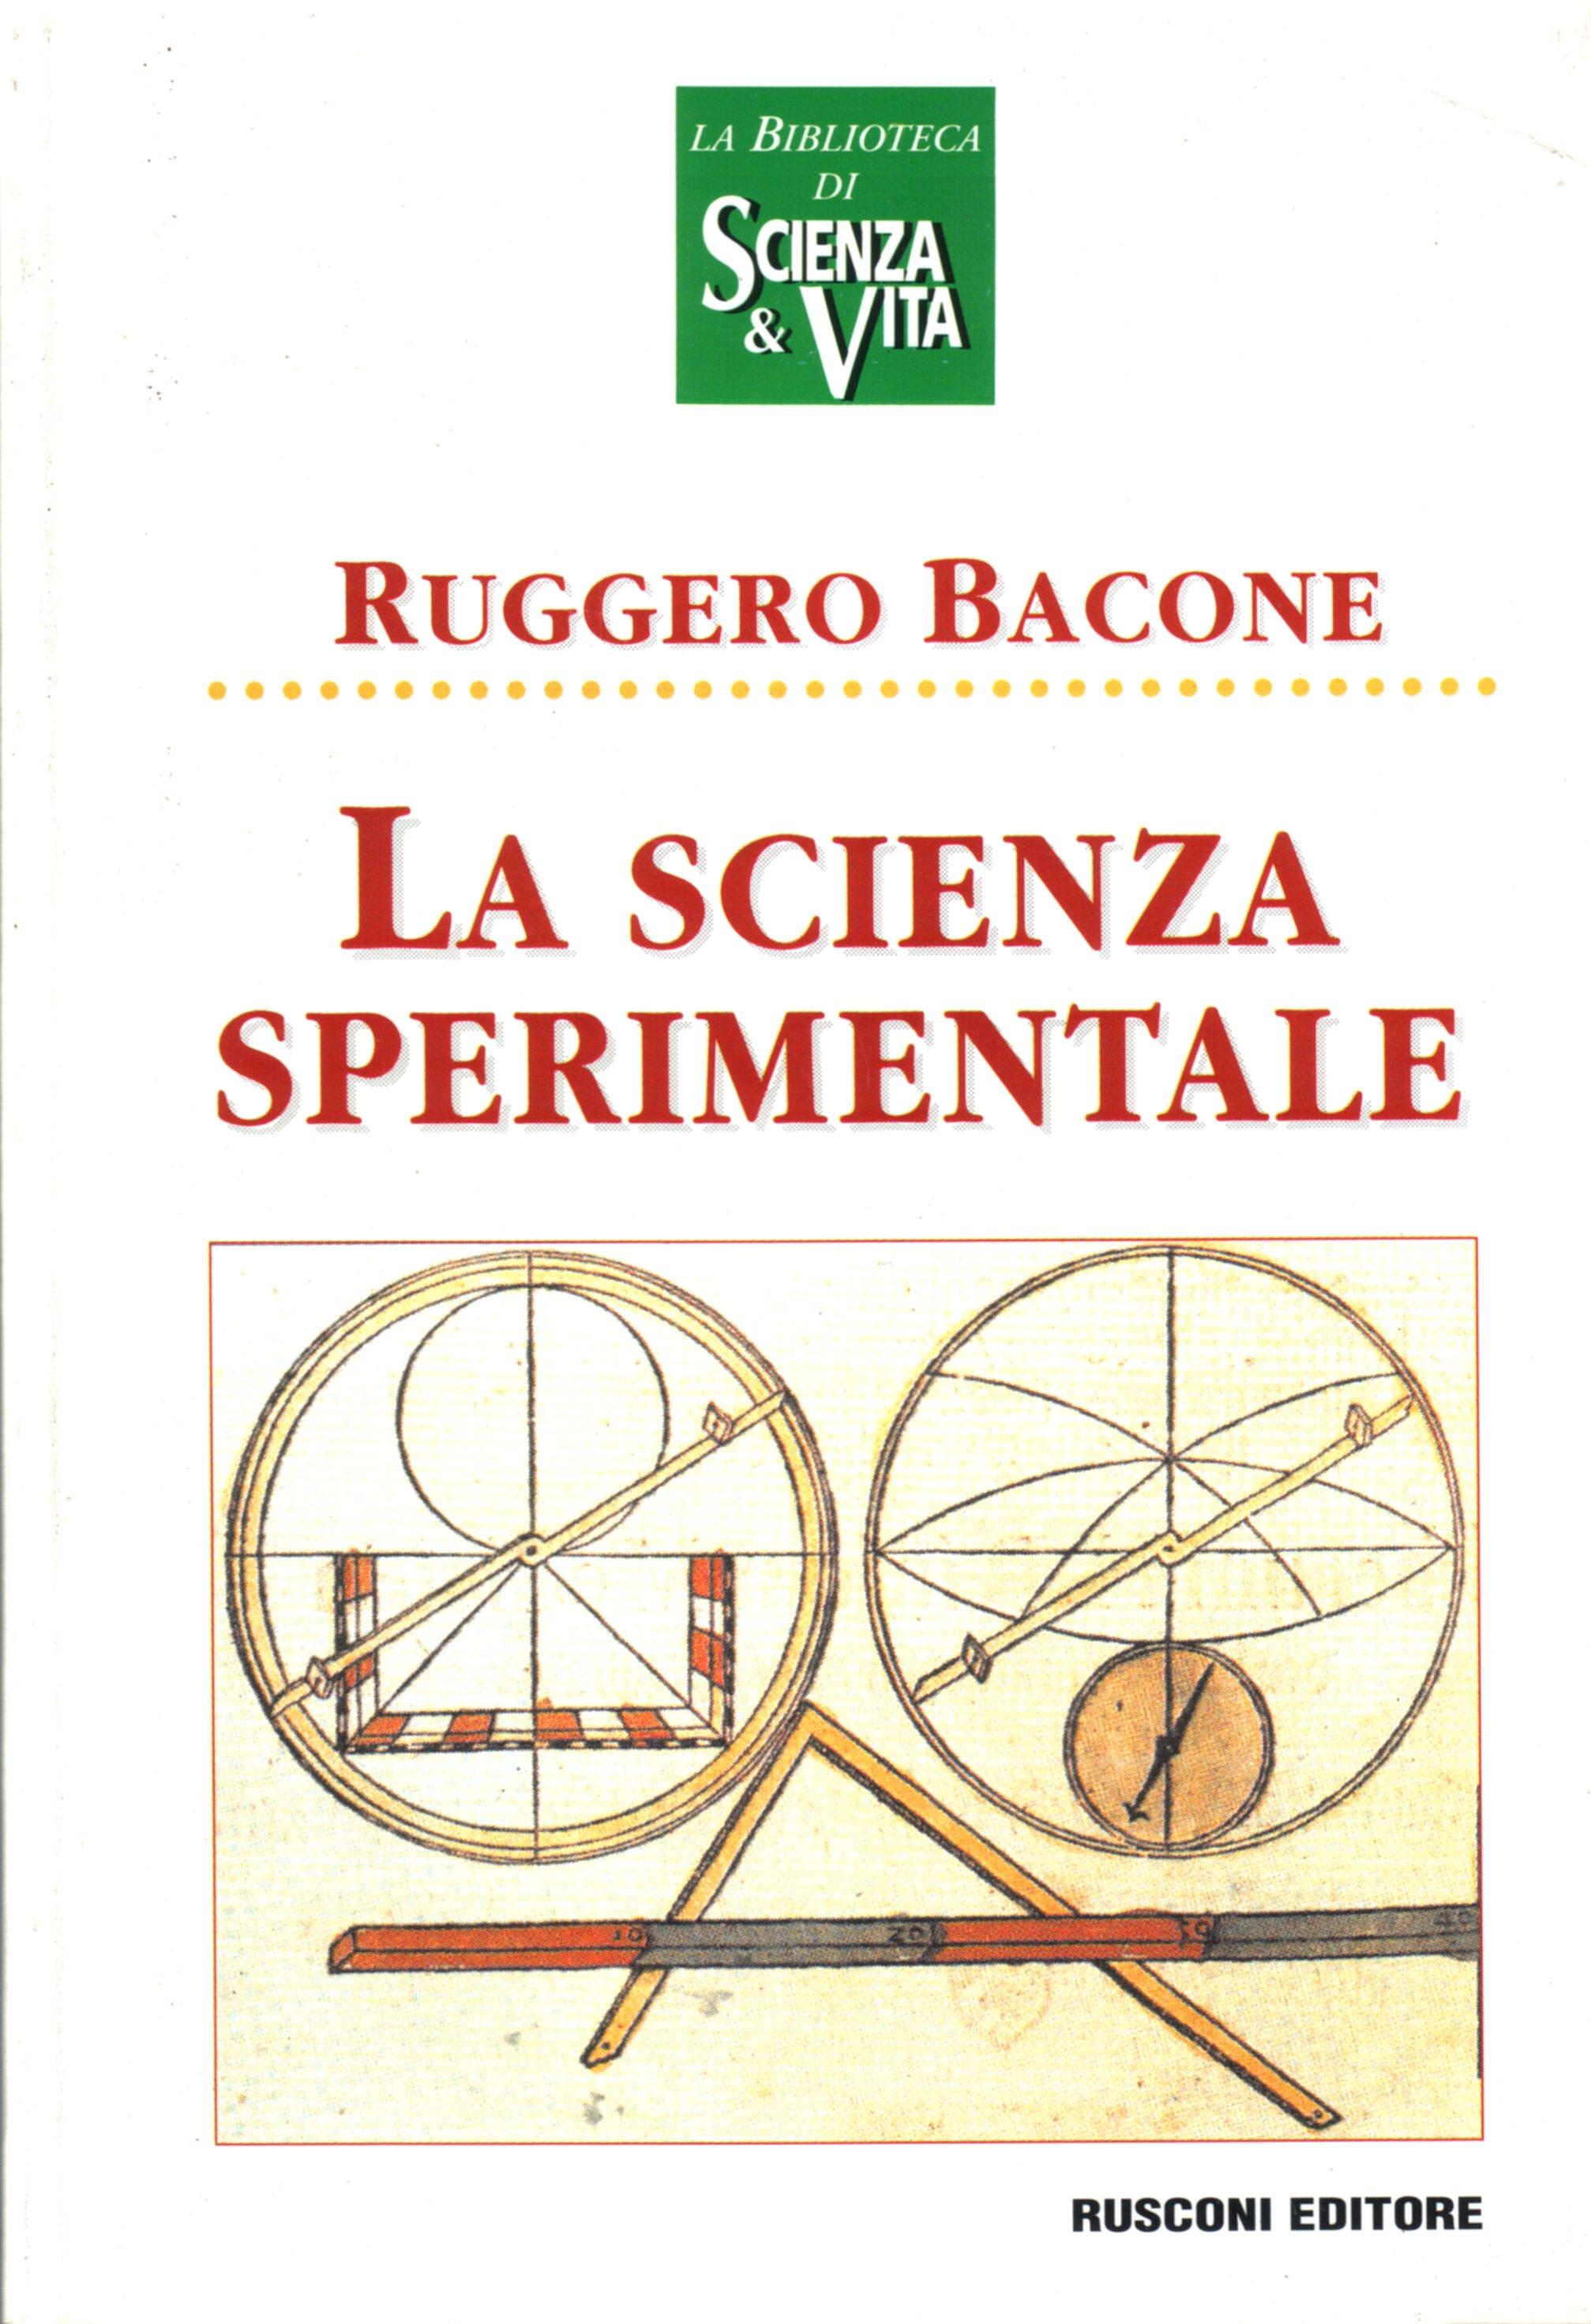 La scienza sperimentale